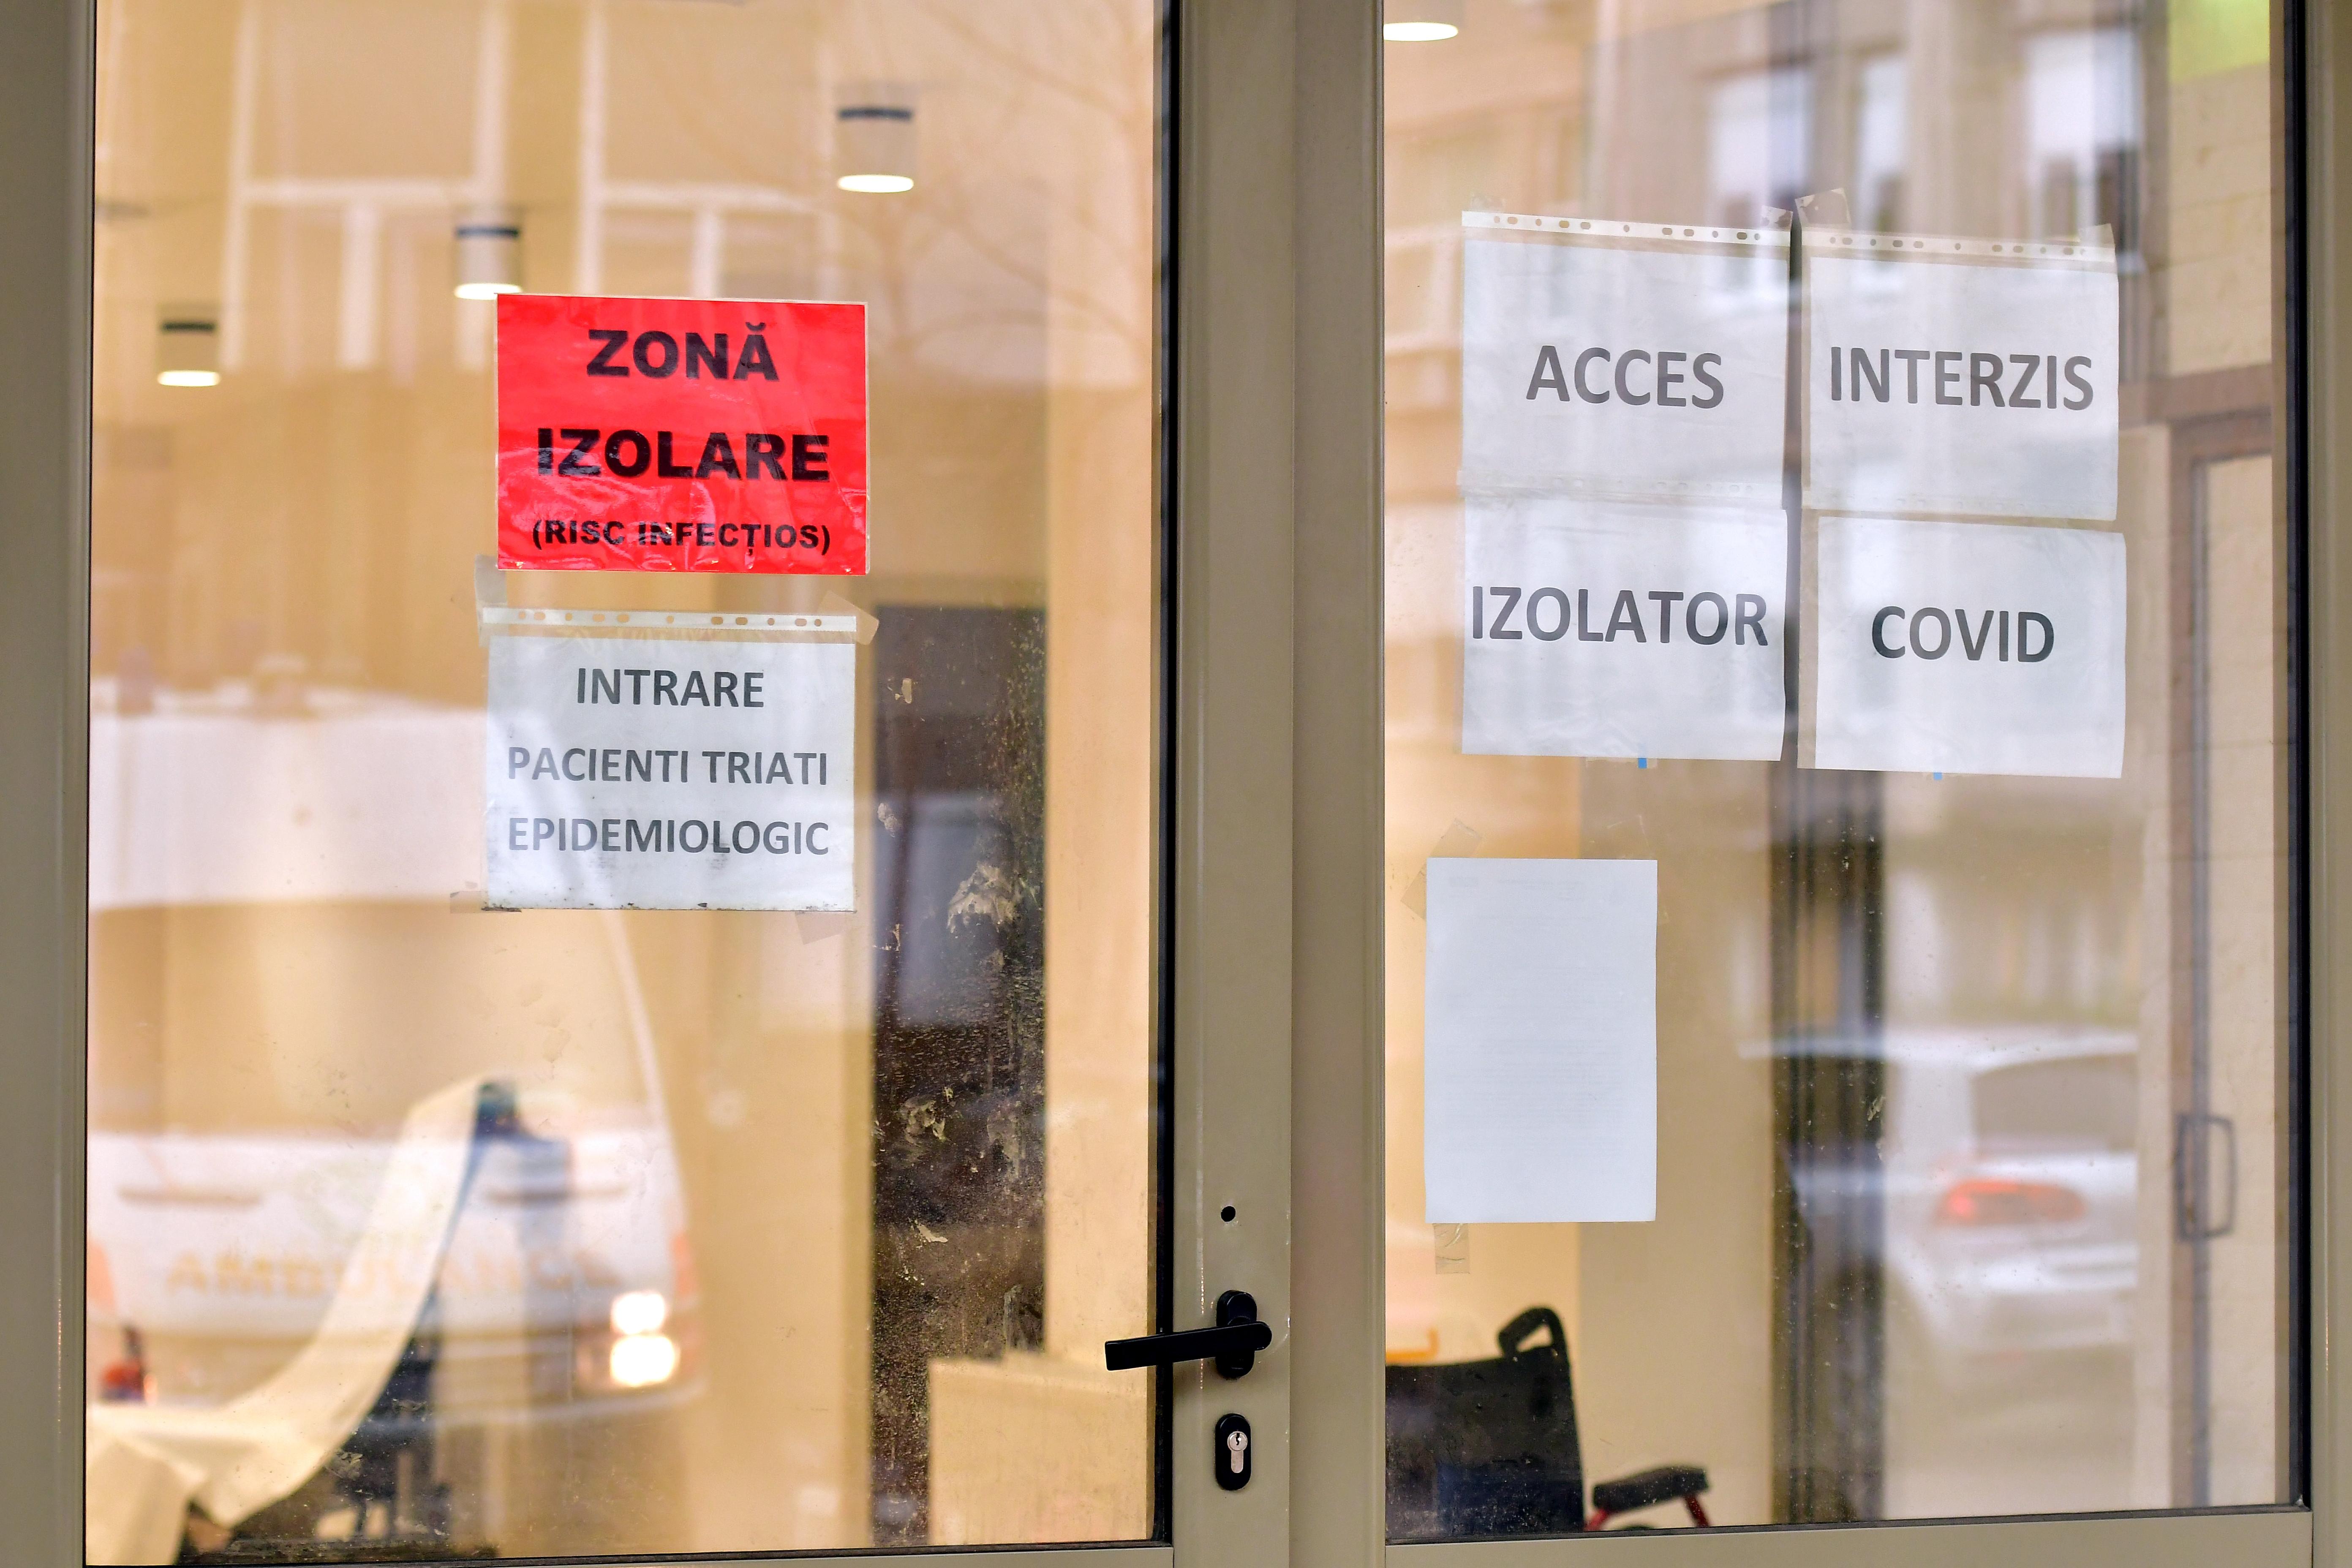 Autoritățile au decis prelungirea restricțiilor în București, din cauza îmbolnăvirilor cu Covid-19